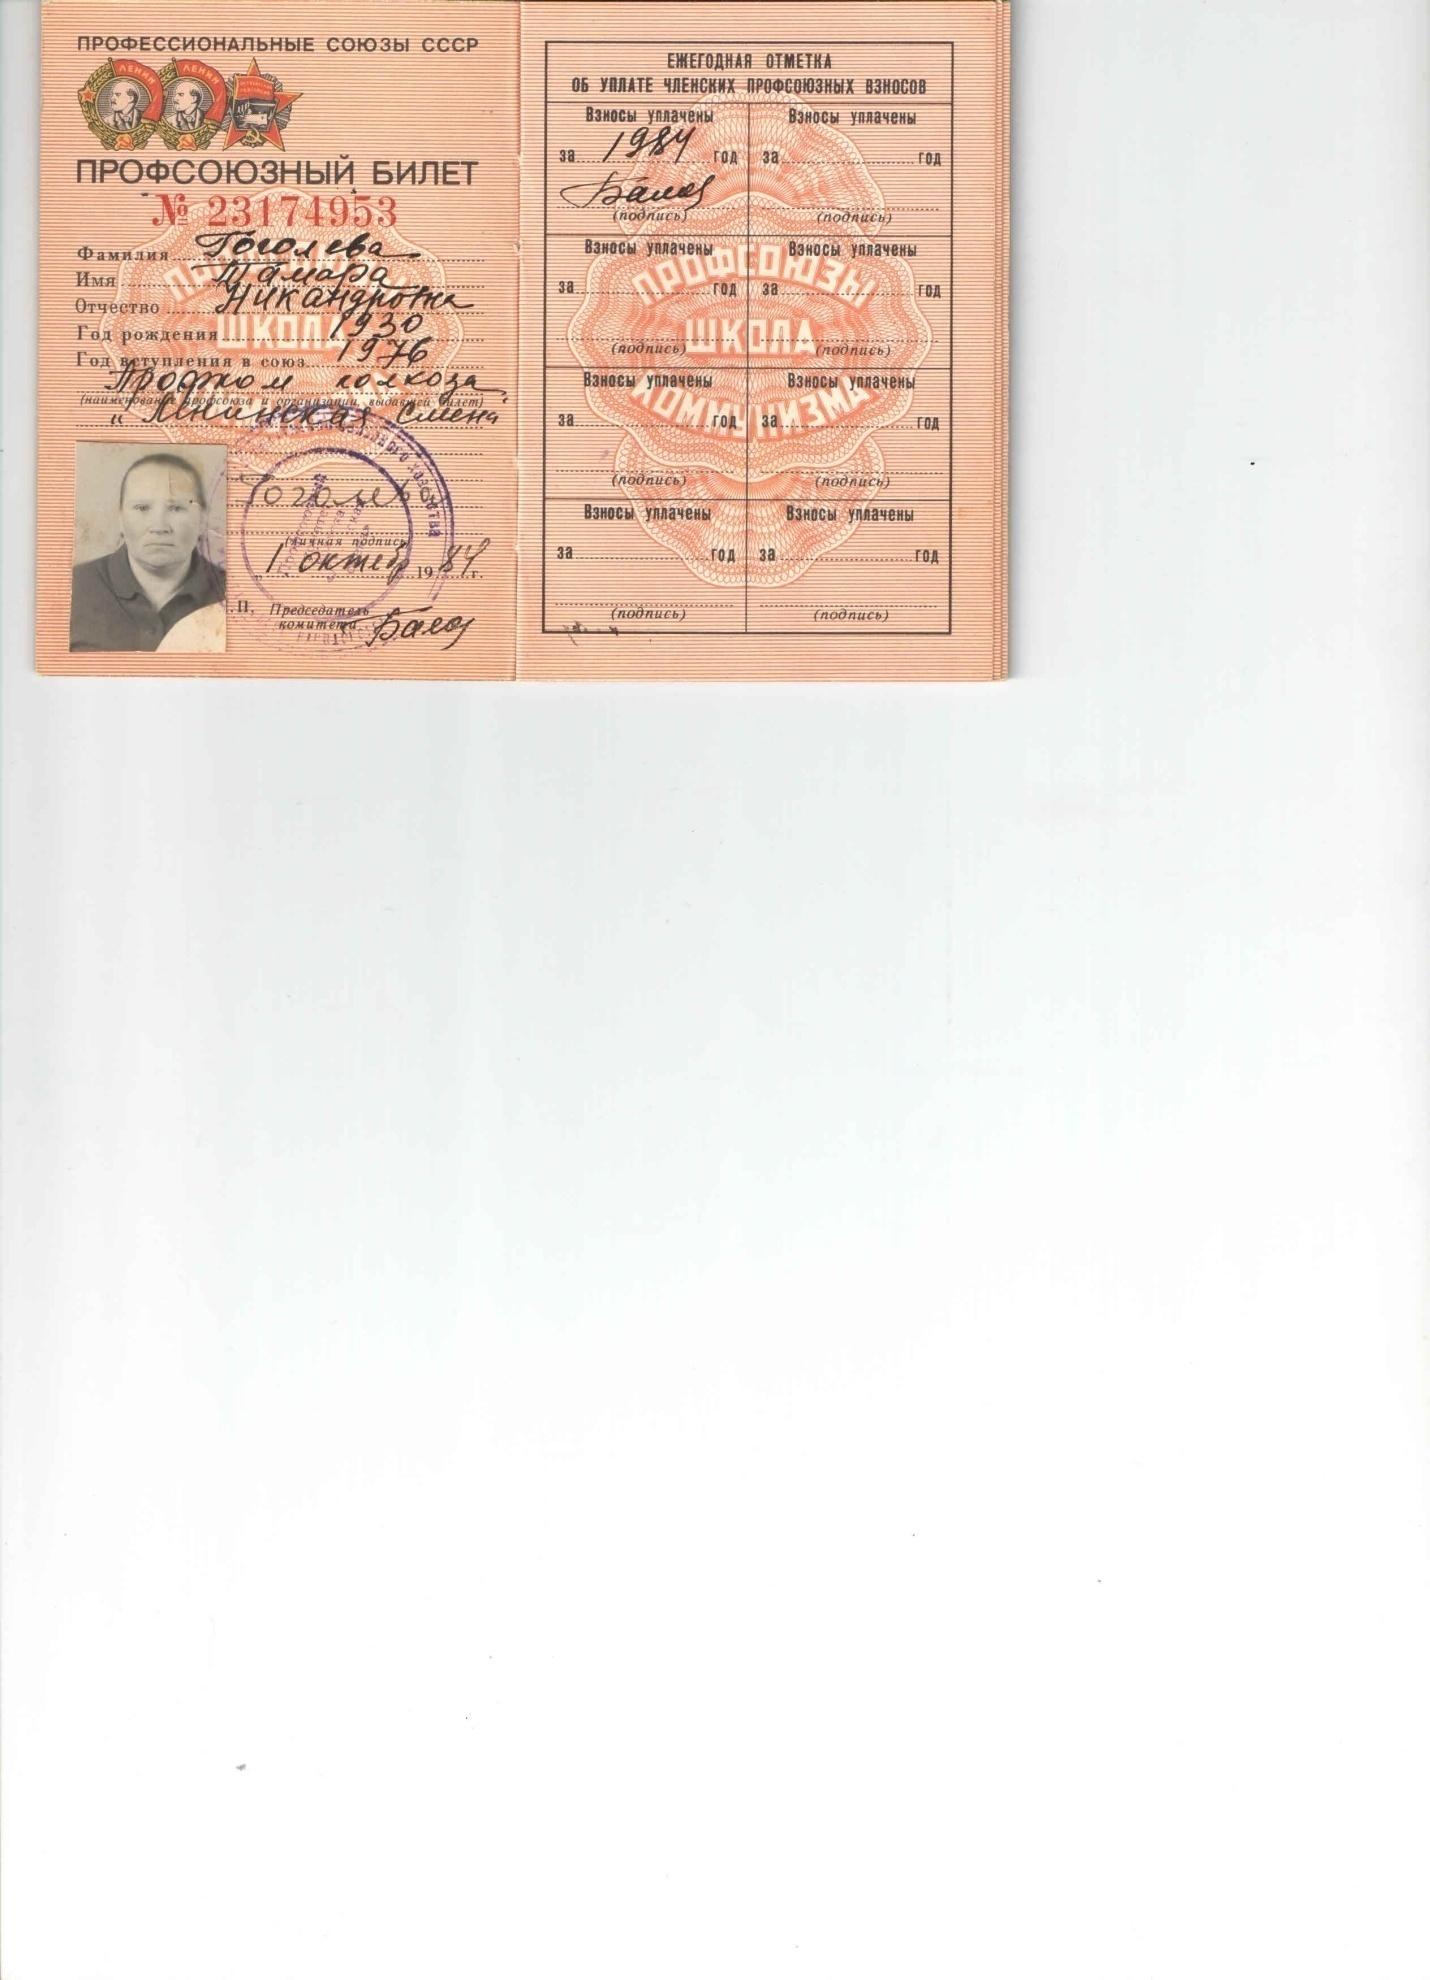 C:\Documents and Settings\Admin\Рабочий стол\Для Гоголевой Лизы\удостоверение для Лизы 1.jpg